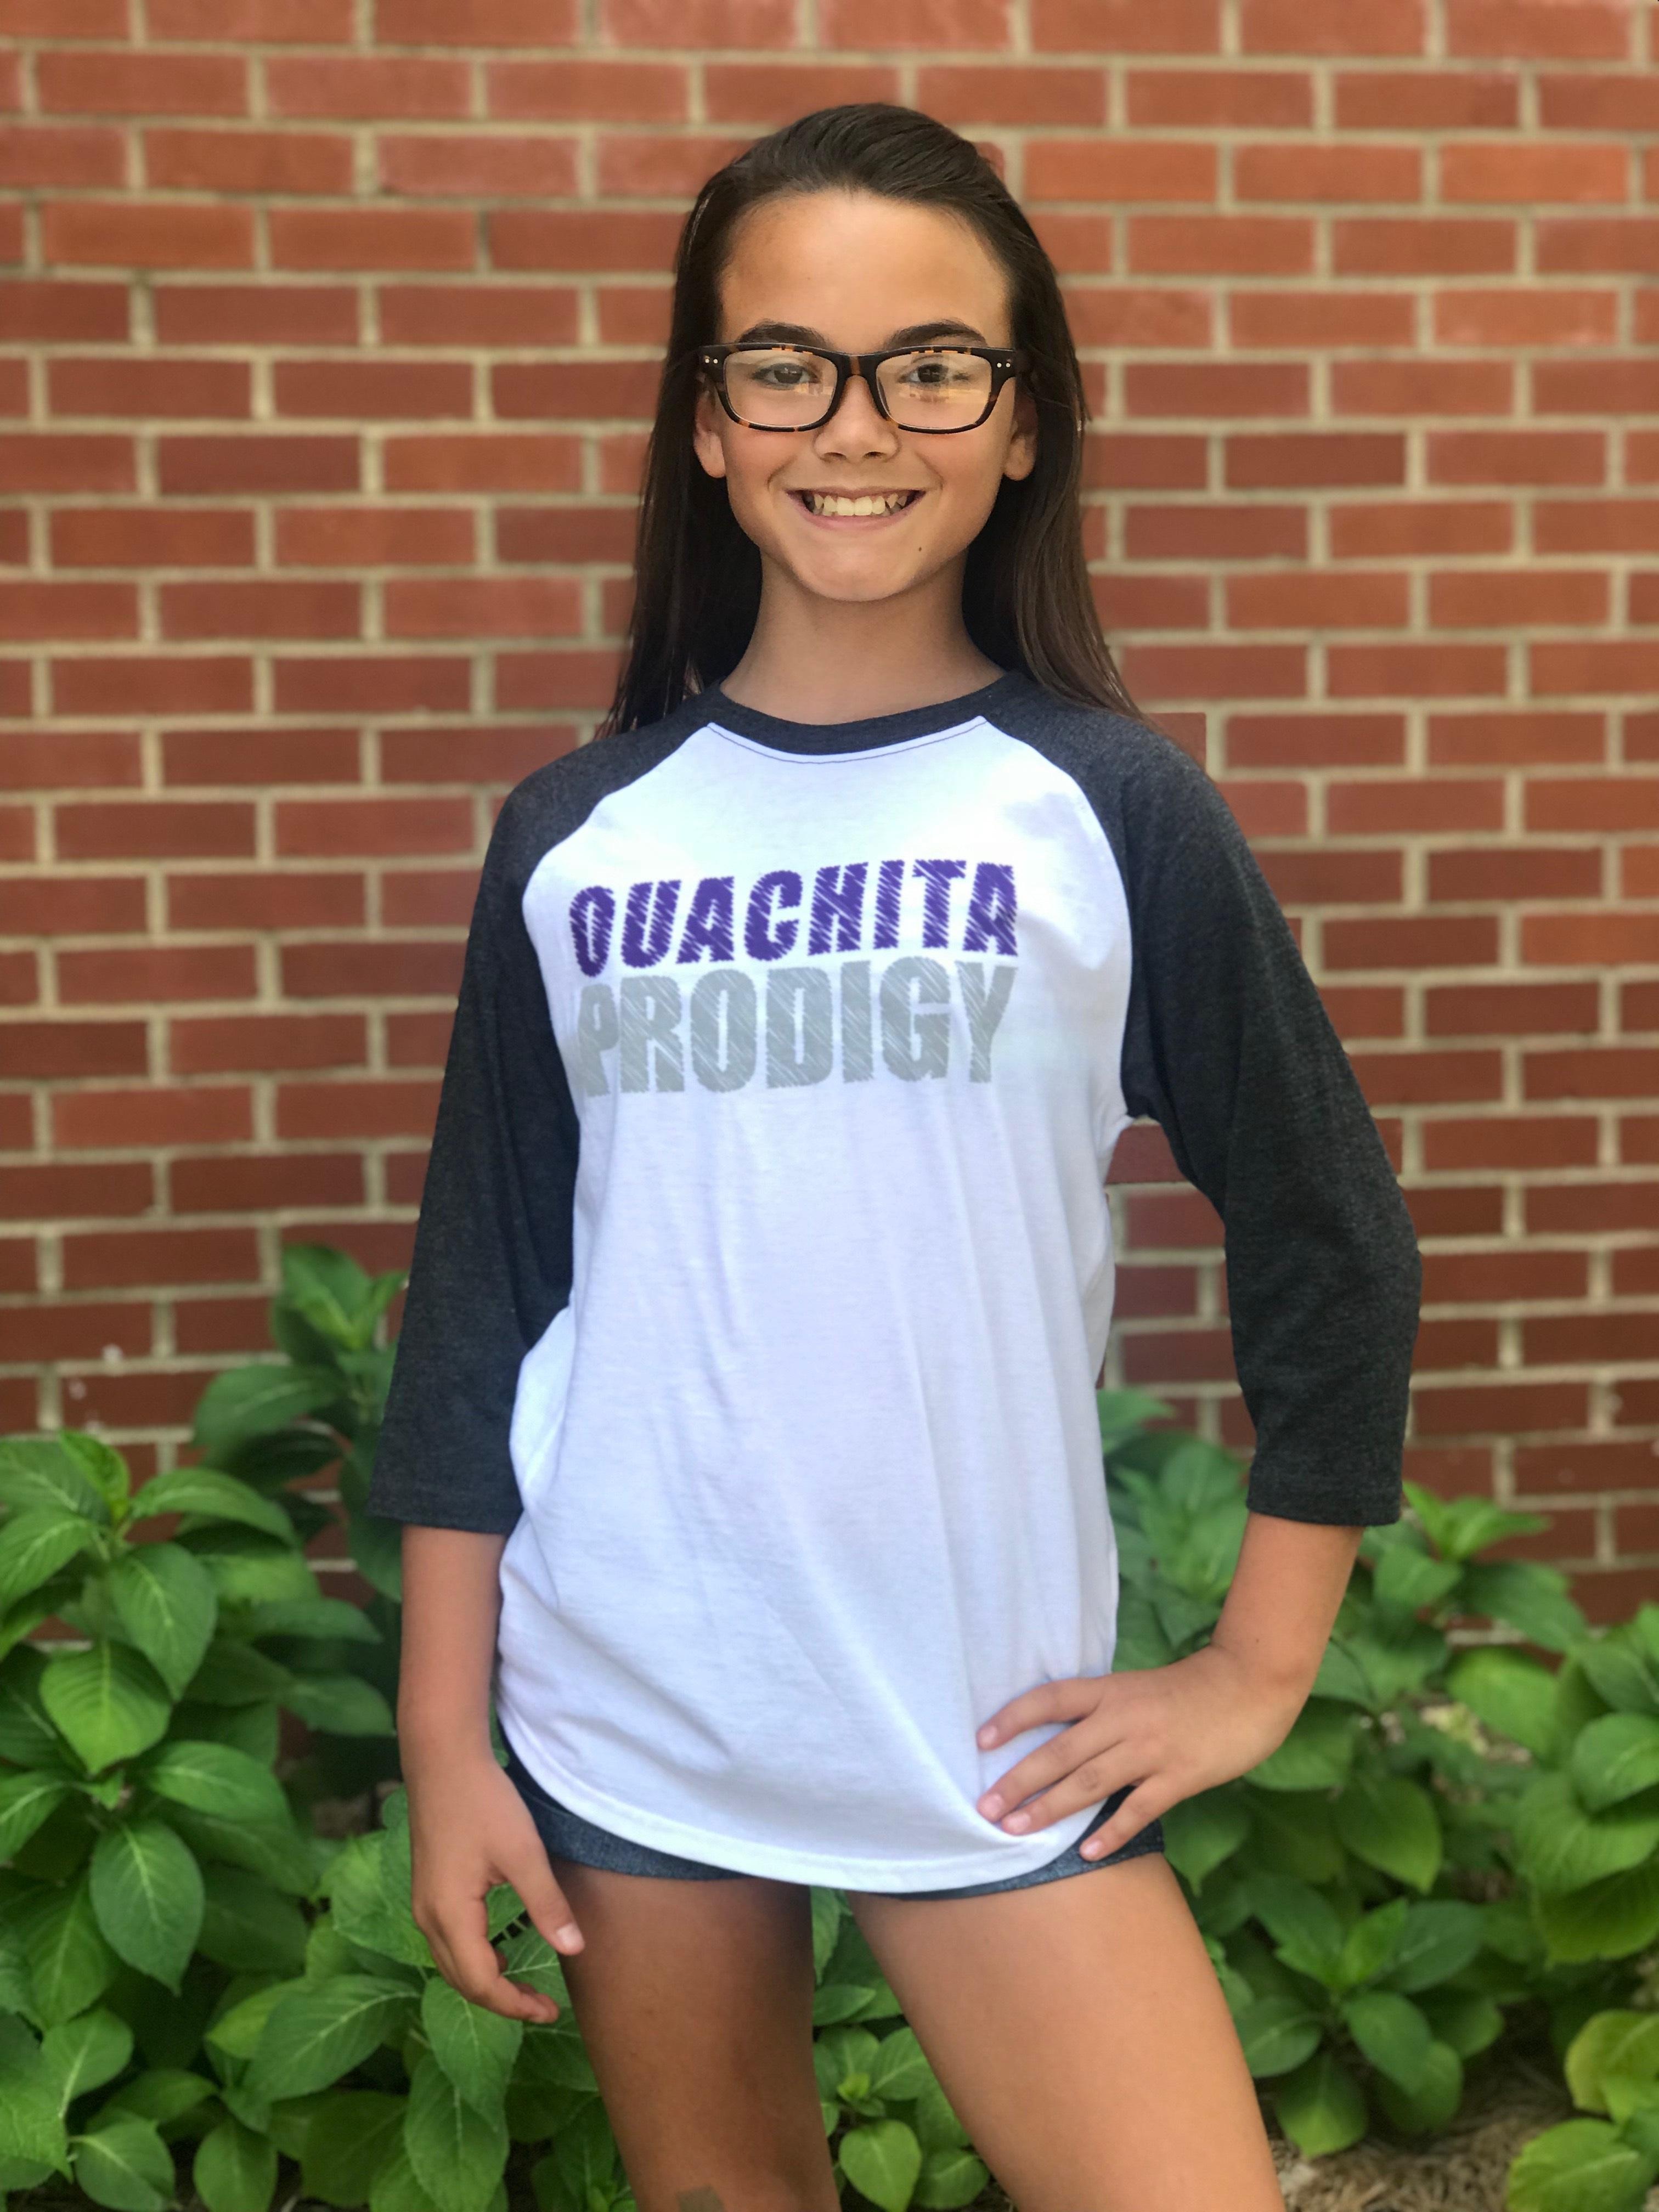 OUACHITA PRODIGY YOUTH RAGLAN TEE